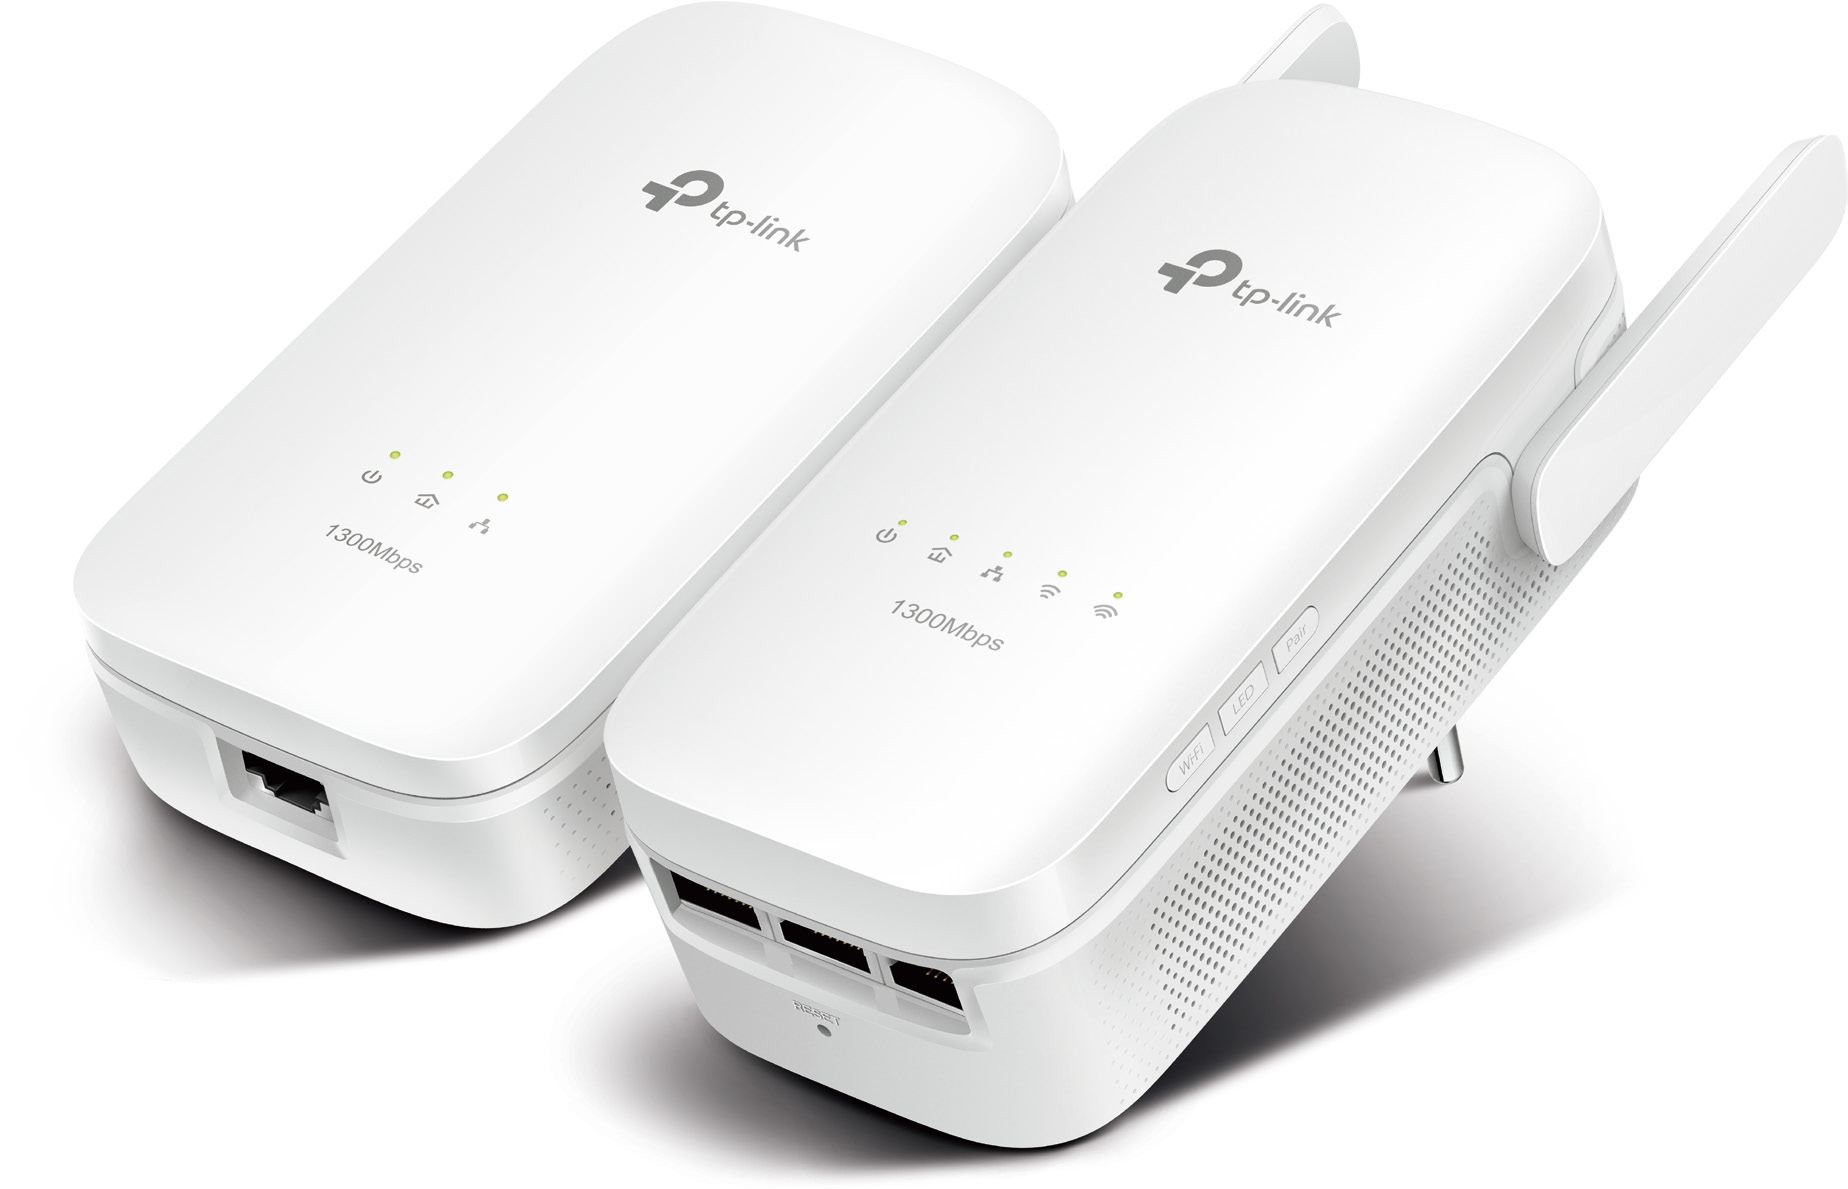 Gigabit Powerline Ac Wi-Fi Kit Av1200 ( Tl-pa8010p + Tl-wpa8630)